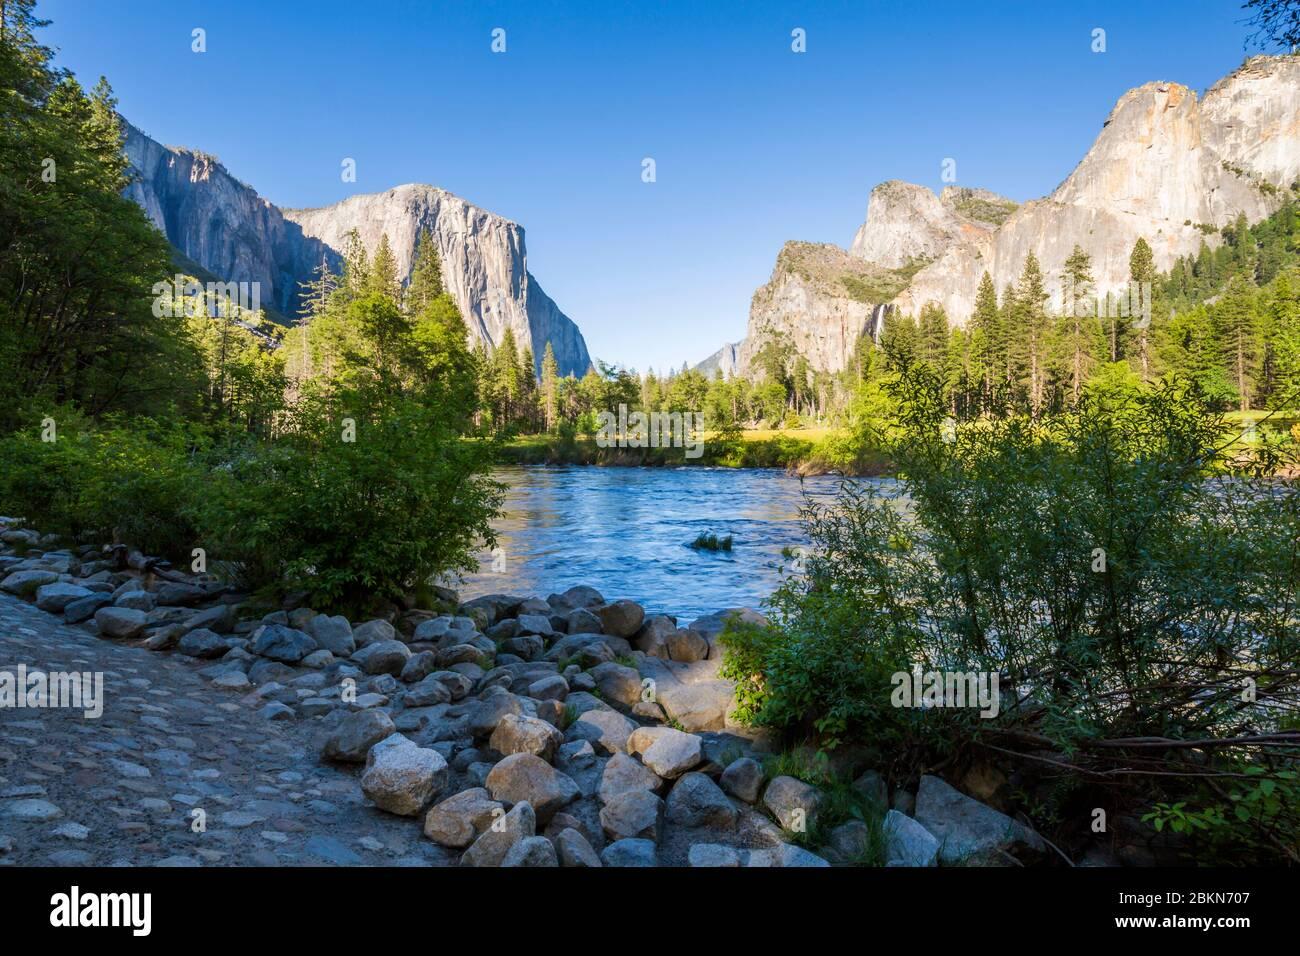 Vue sur El Capitan surplombant la rivière Merced, le parc national de Yosemite, site classé au patrimoine mondial de l'UNESCO, Californie, États-Unis, Amérique du Nord Banque D'Images